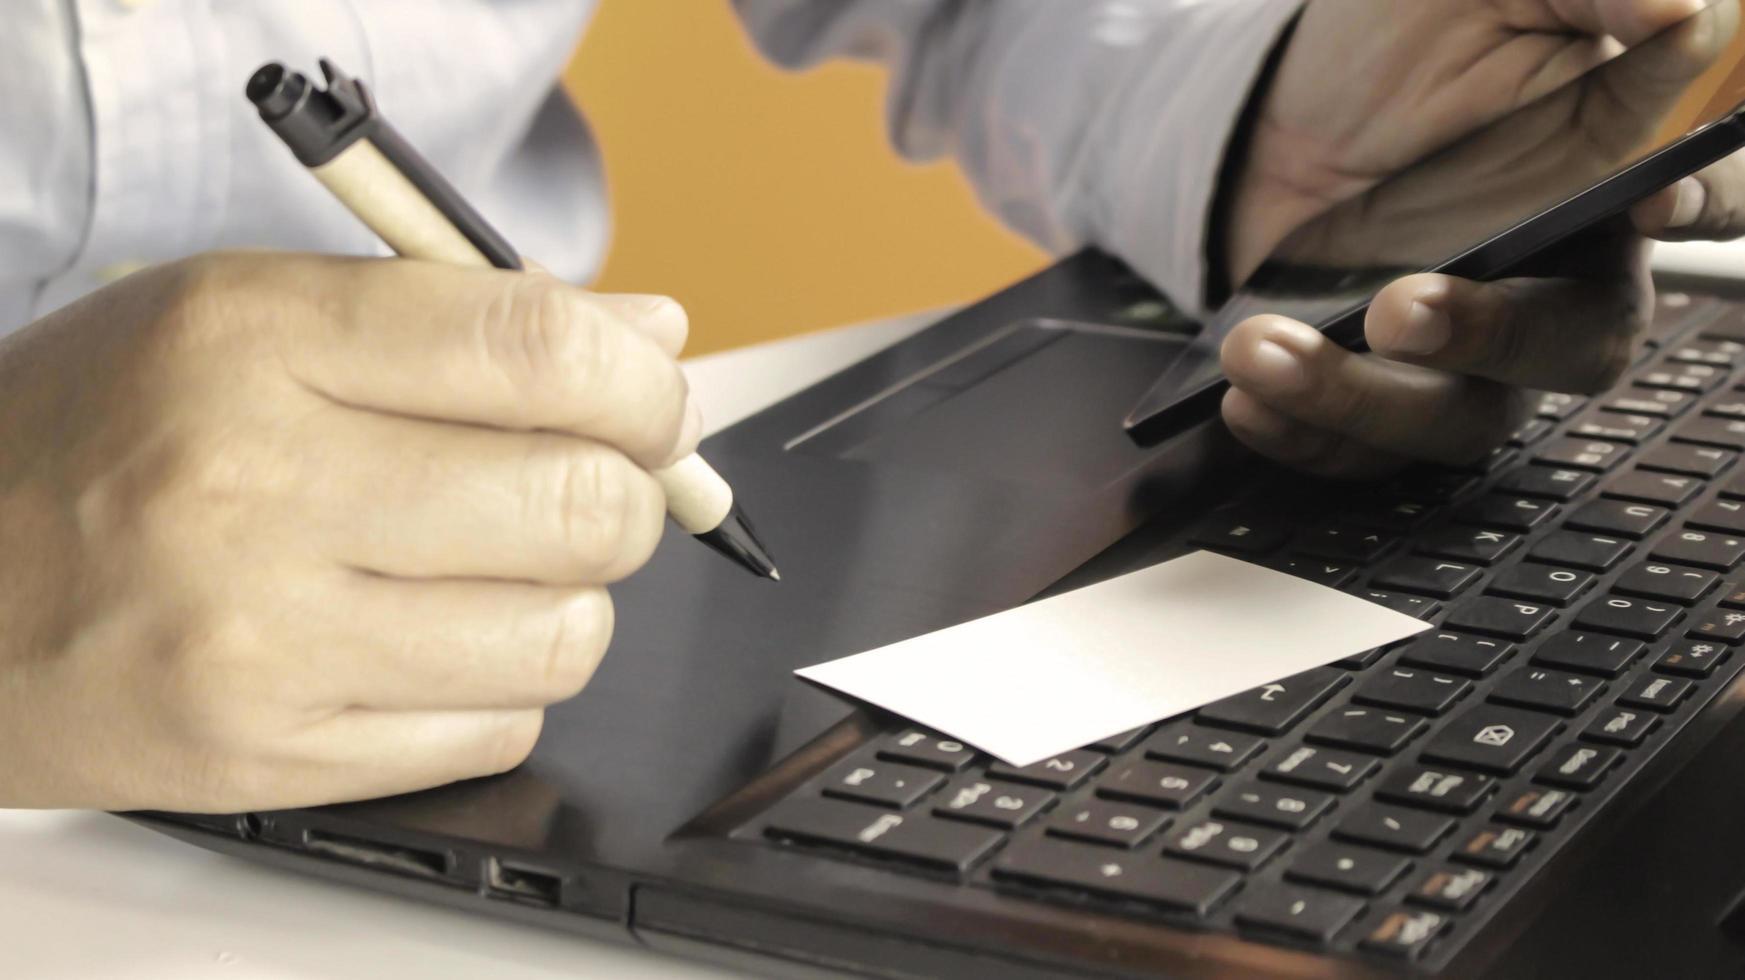 Hände mit Laptop und Smartphone foto